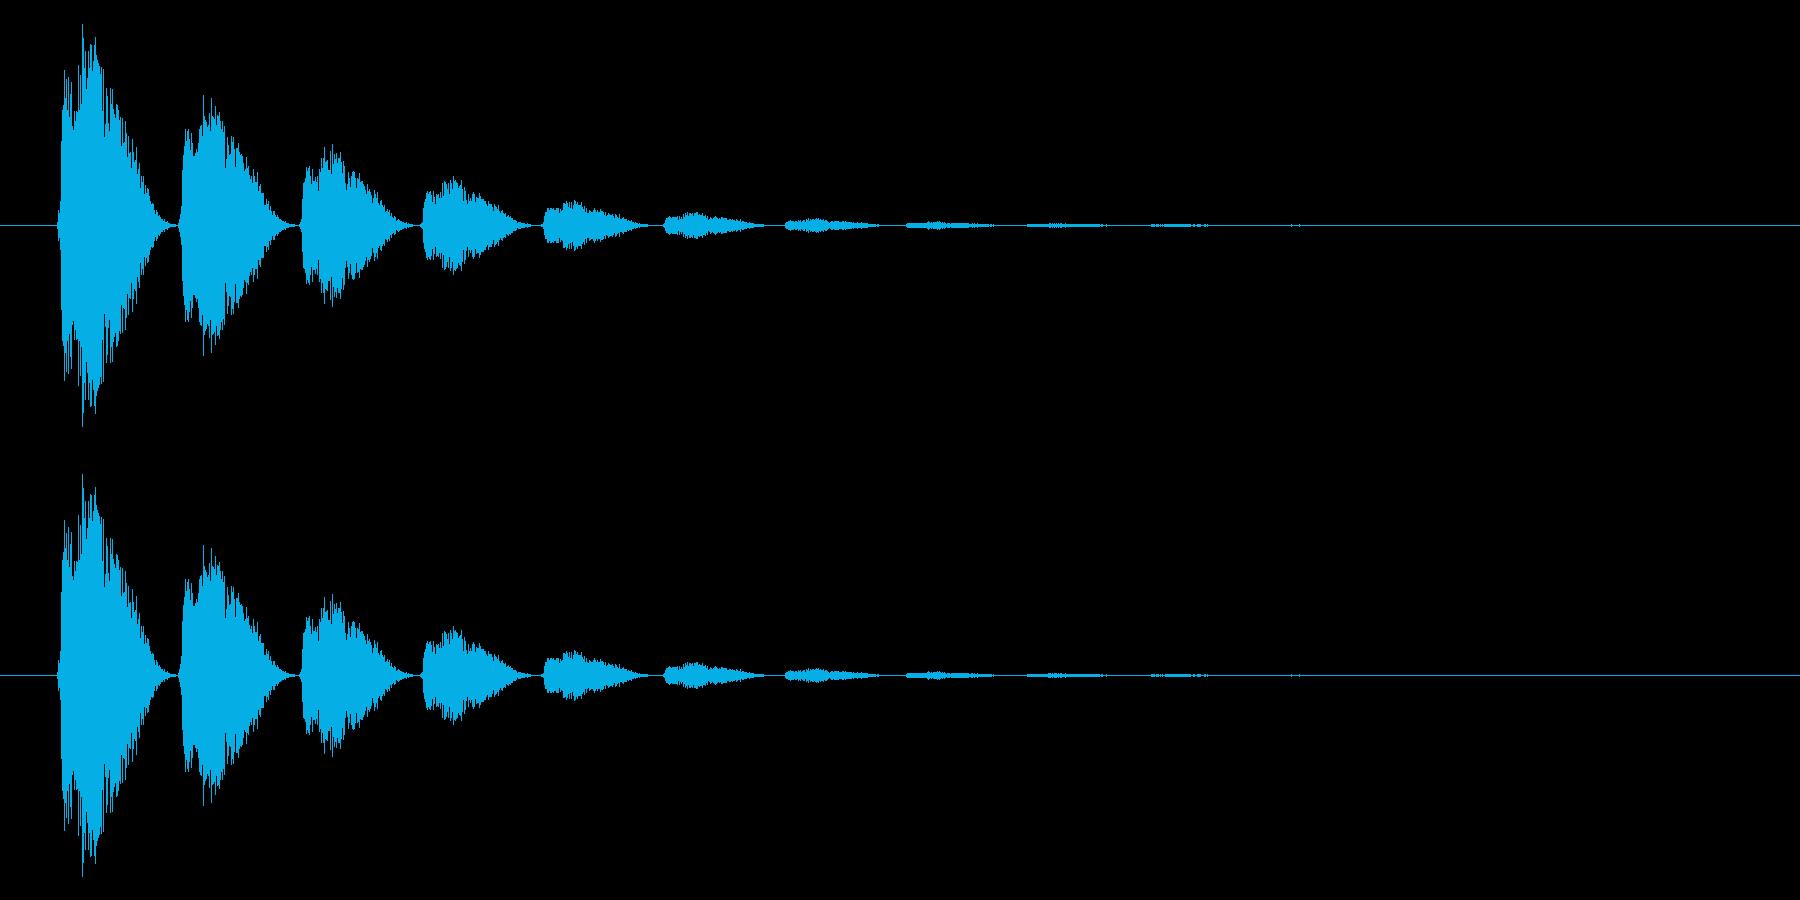 打撃06-6の再生済みの波形